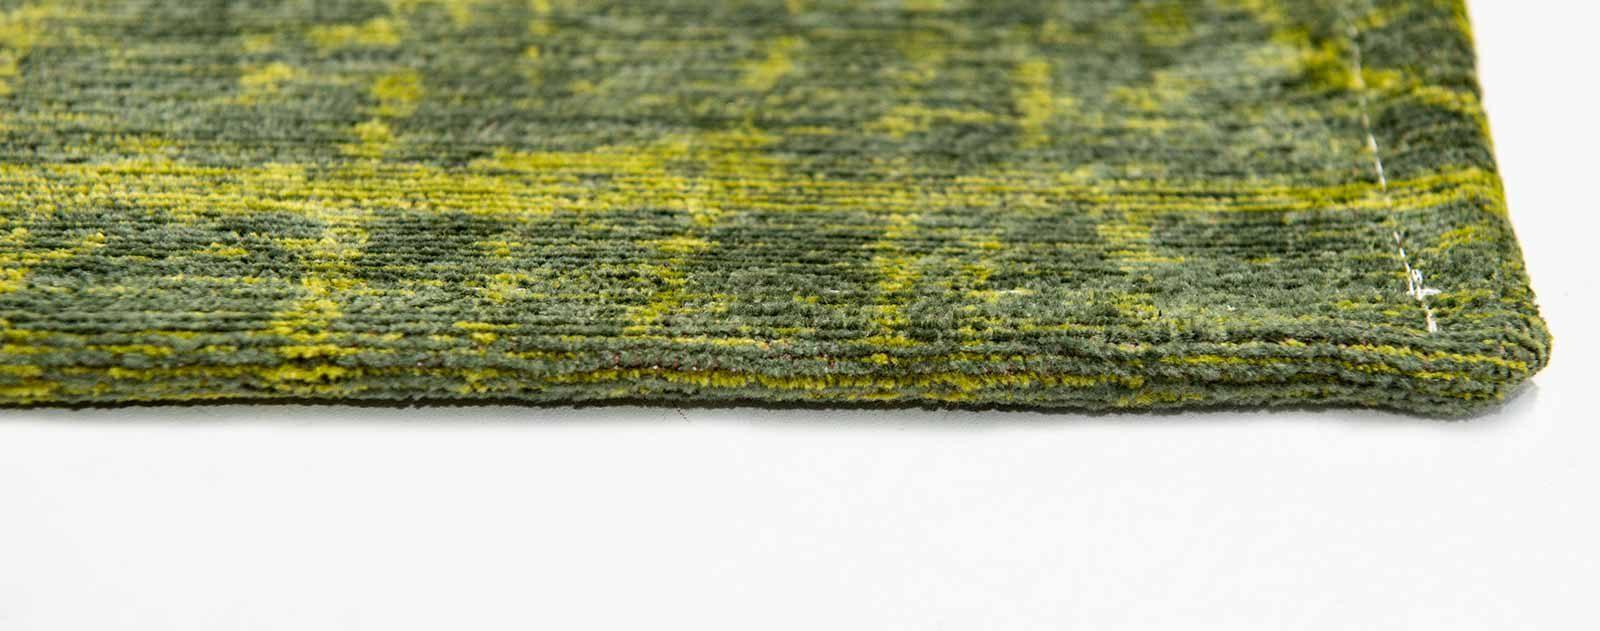 alfombras Louis De Poortere LX 8882 Mad Men Fahrenheit Central Park Green side